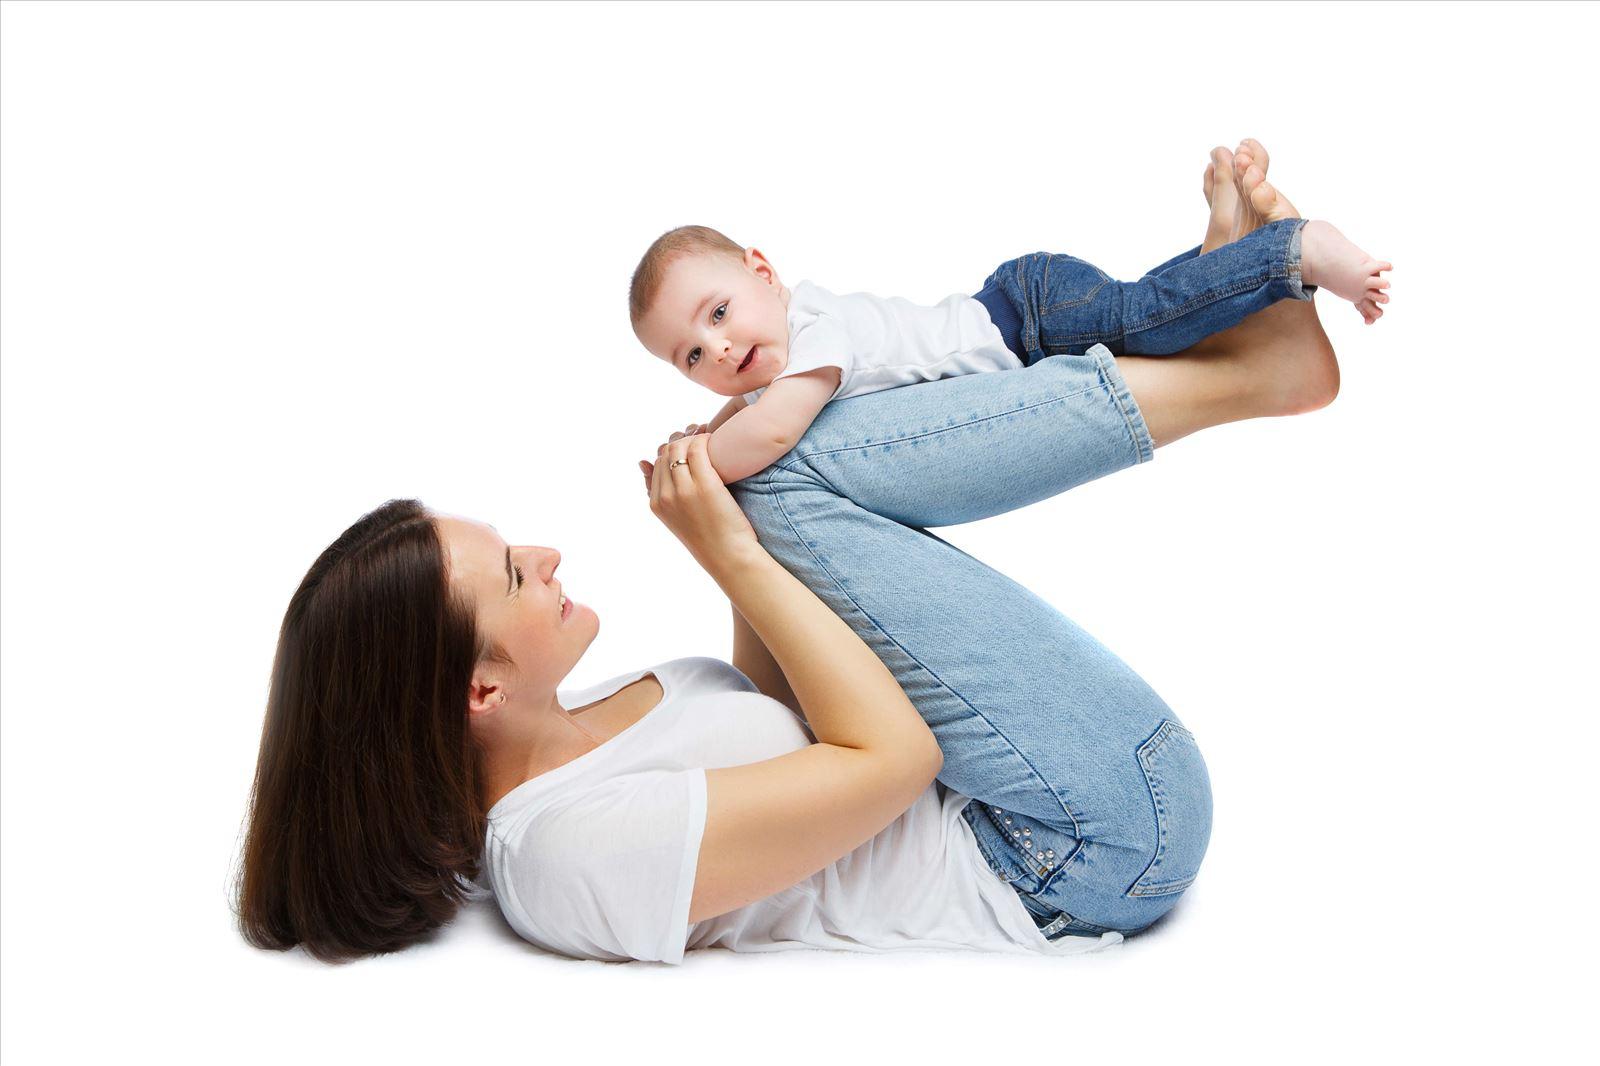 התמודדות עם הילדים וחינוכם